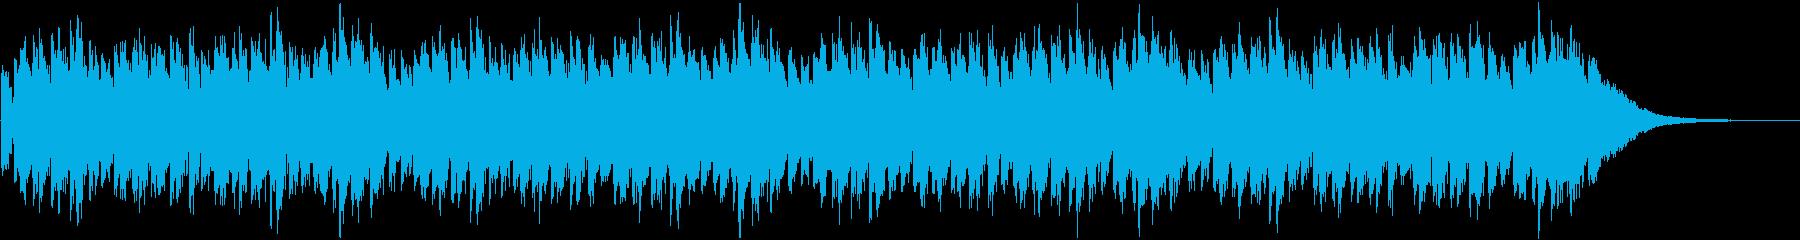 ミステリーやホラーで使えるBGMの再生済みの波形